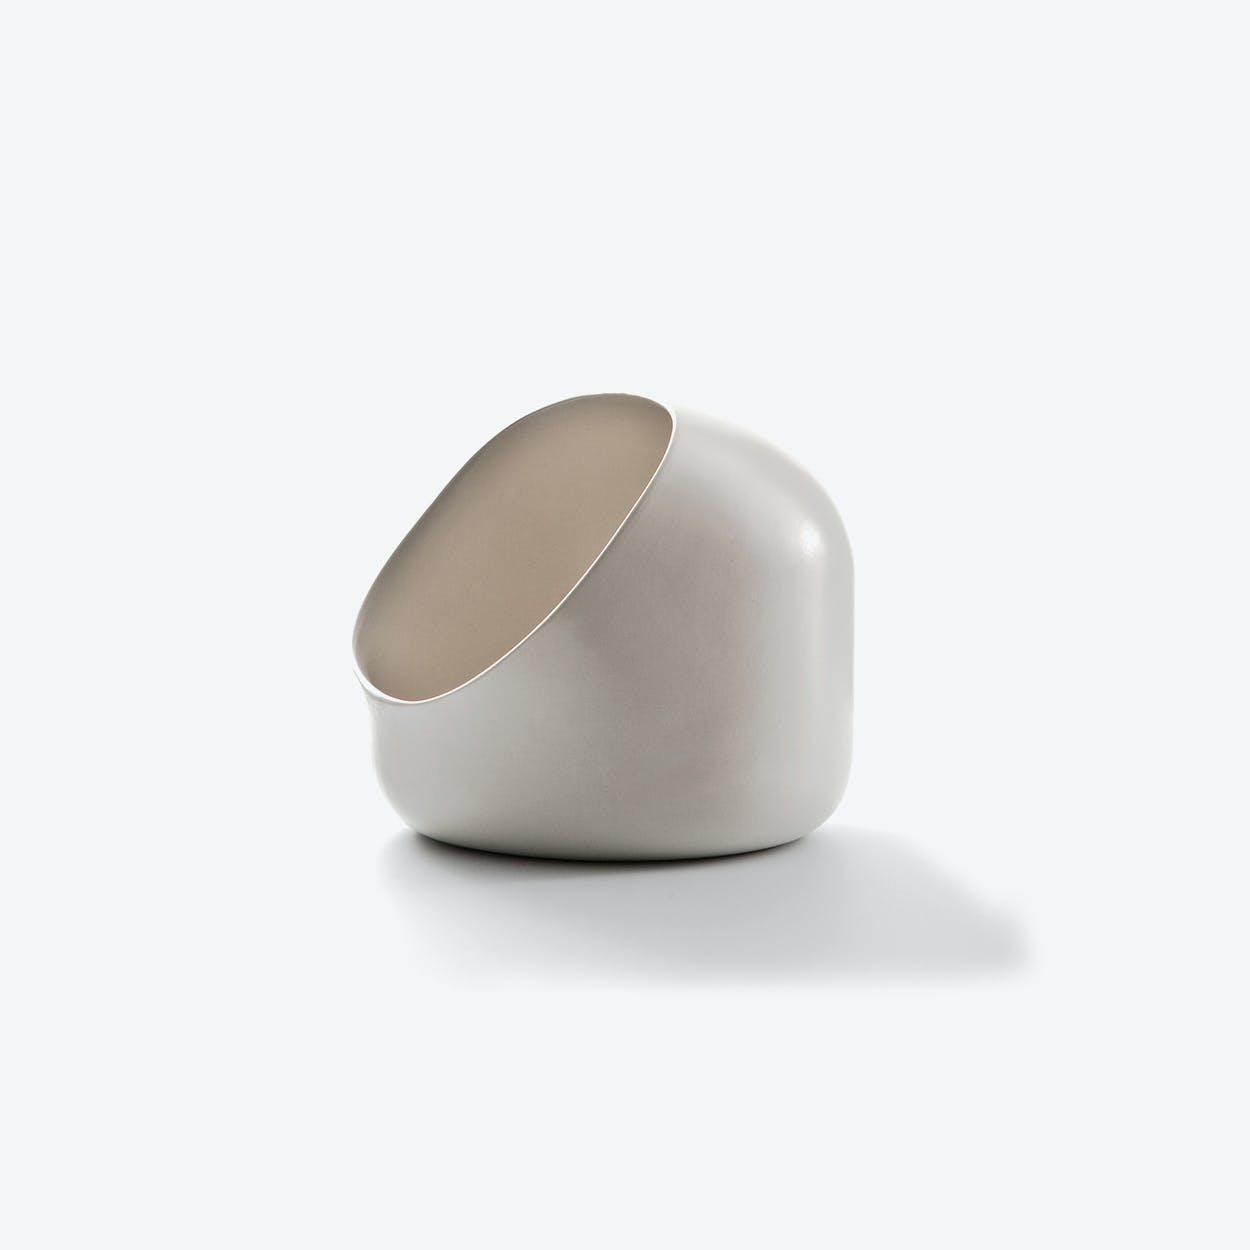 Ô Fruit Bowl in White